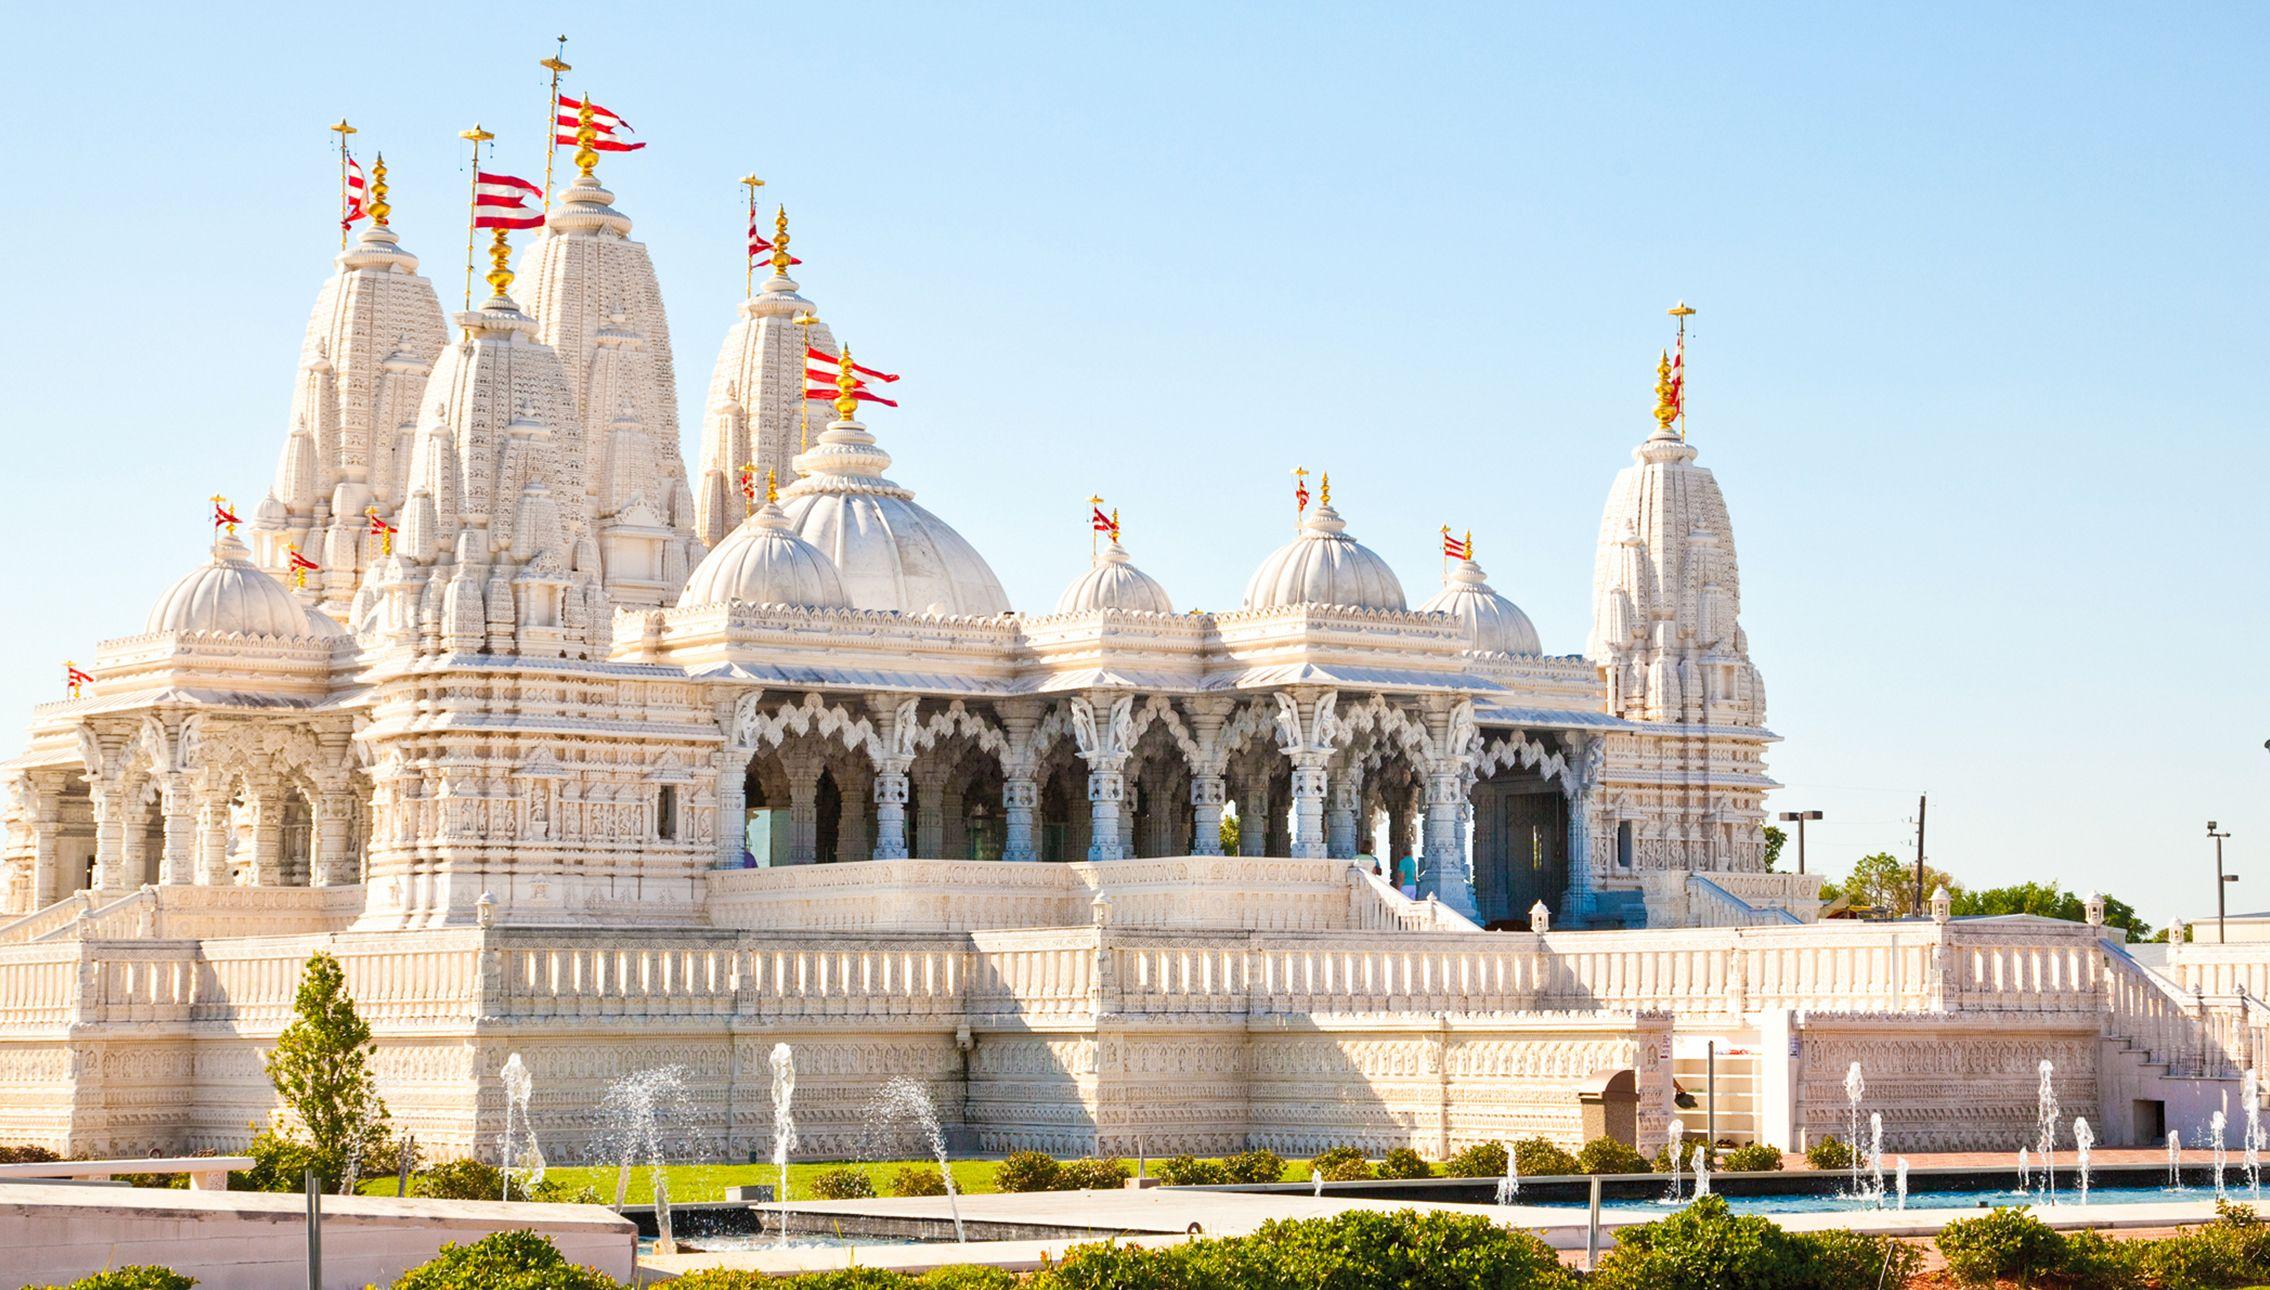 Baps shri swaminarayan mandir houston hindu temple